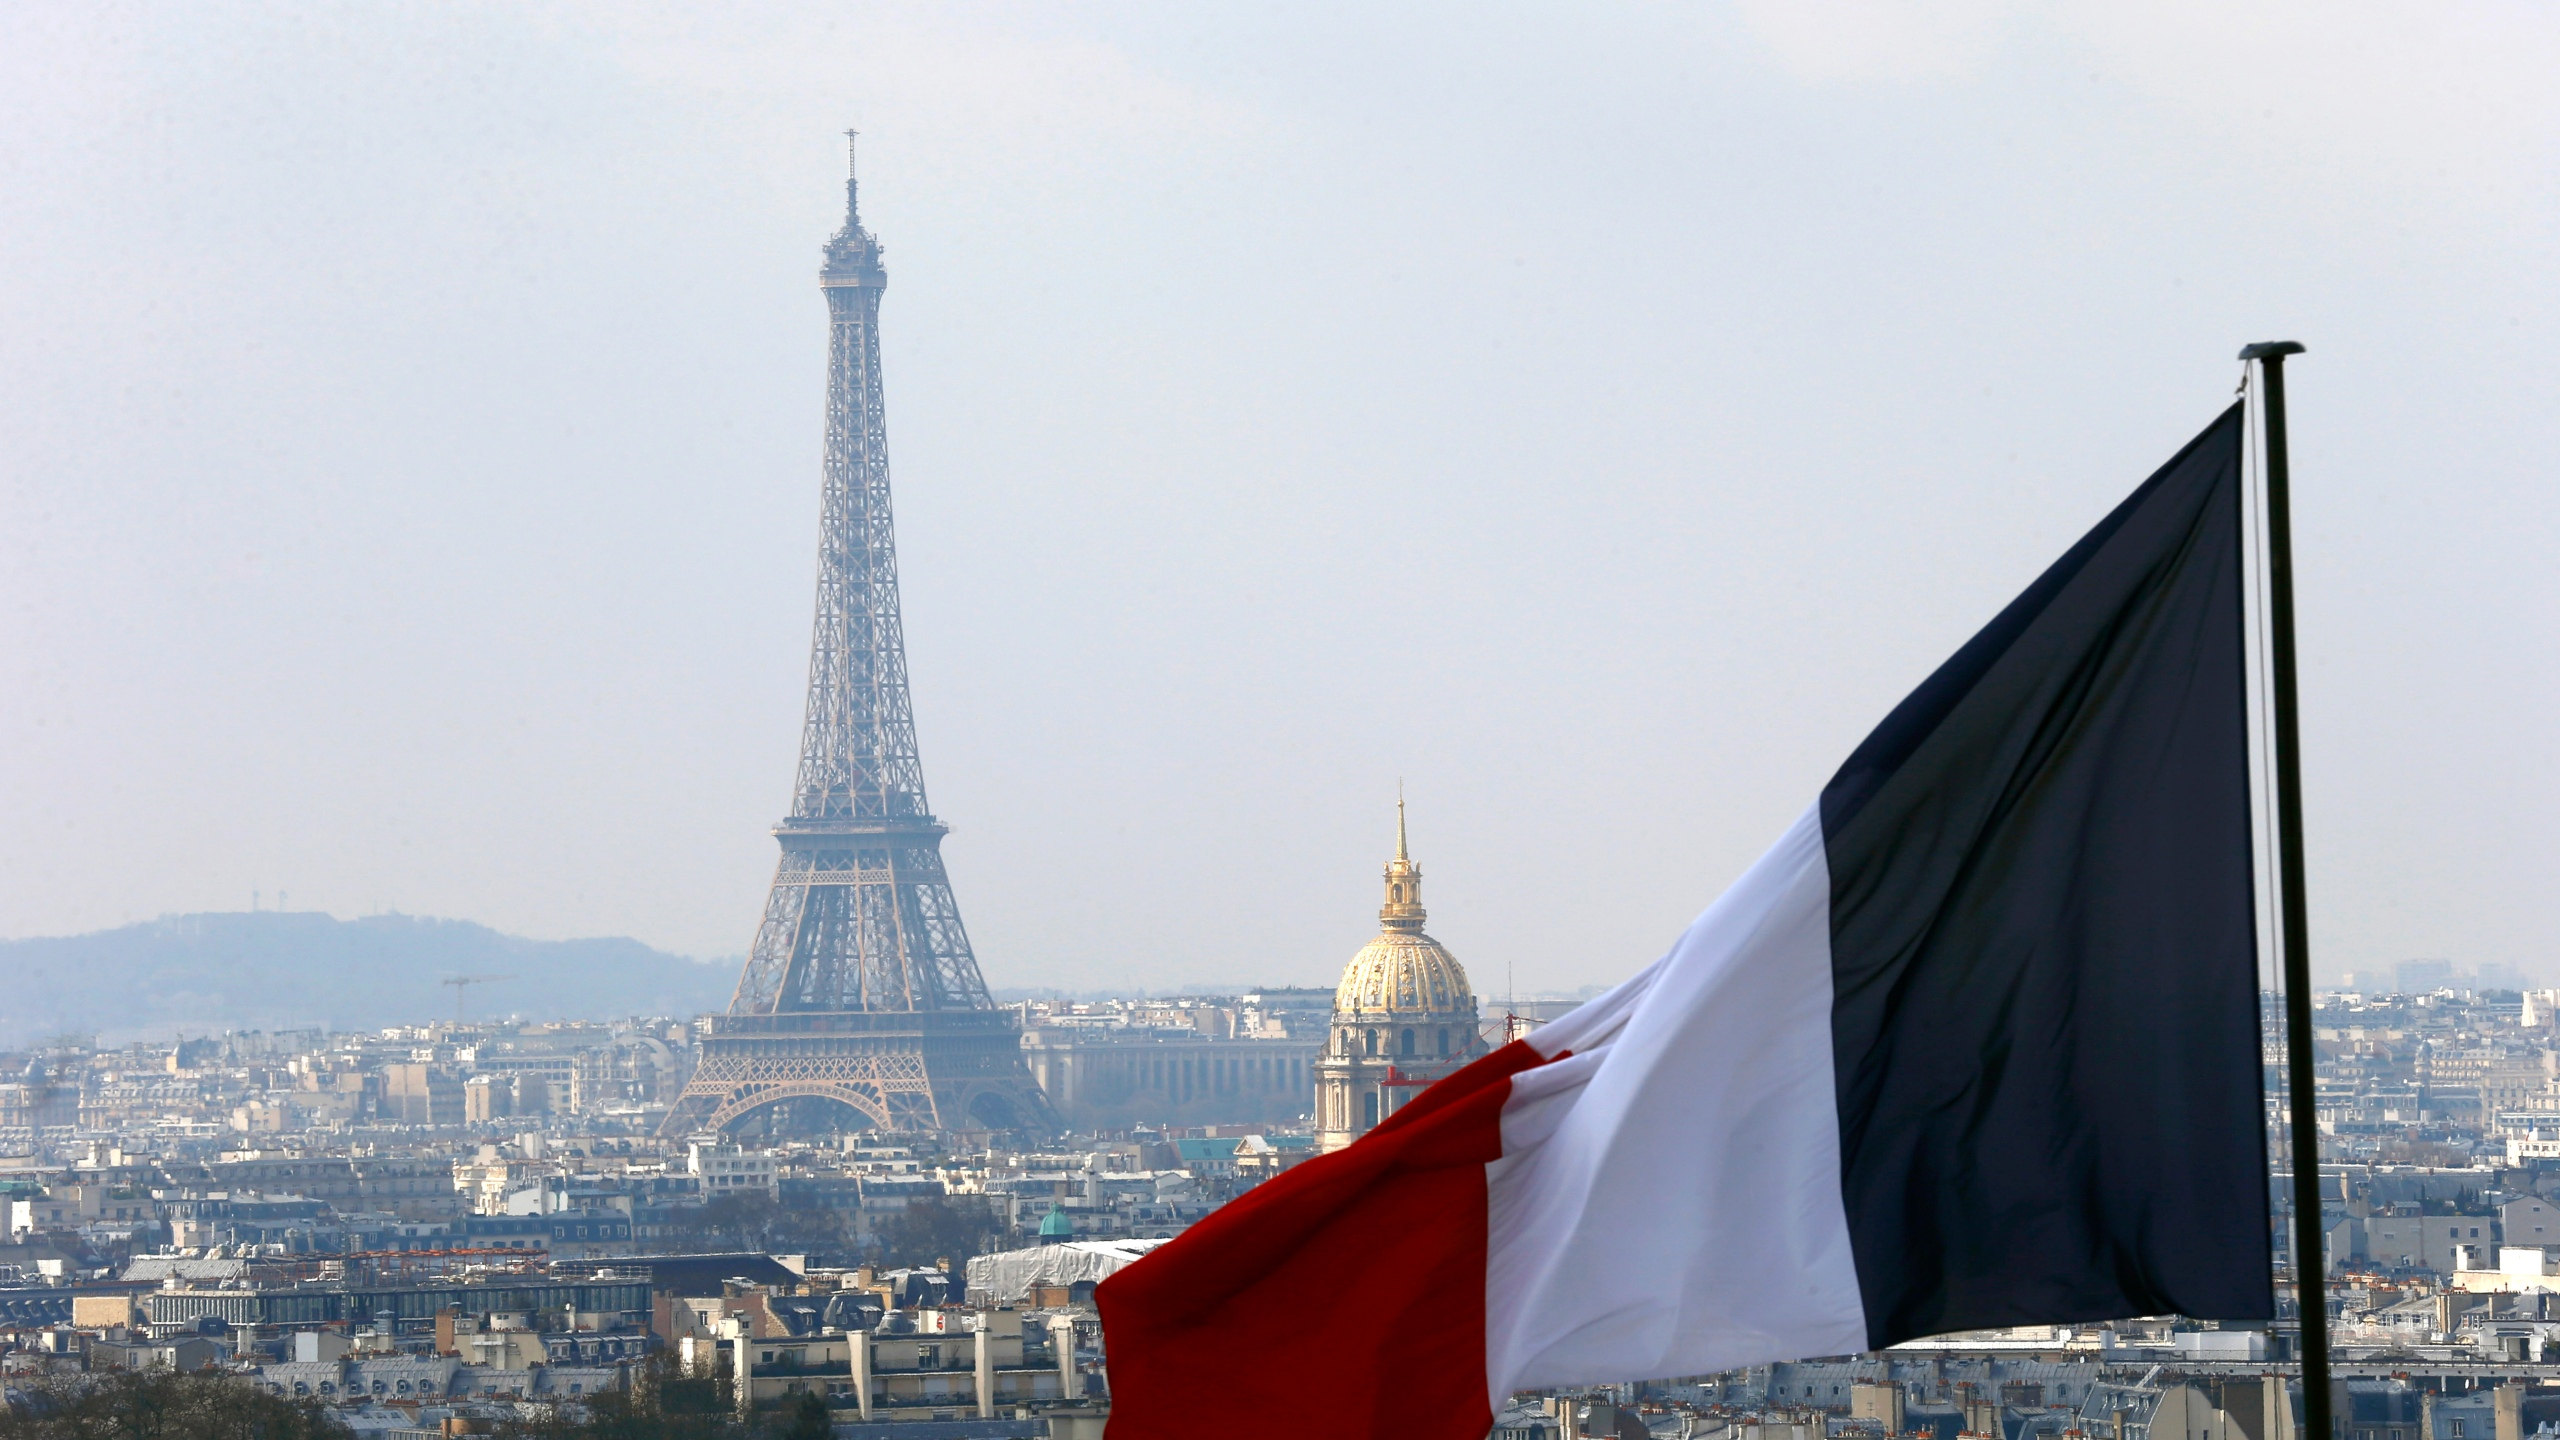 France Eiffel Tower_227372